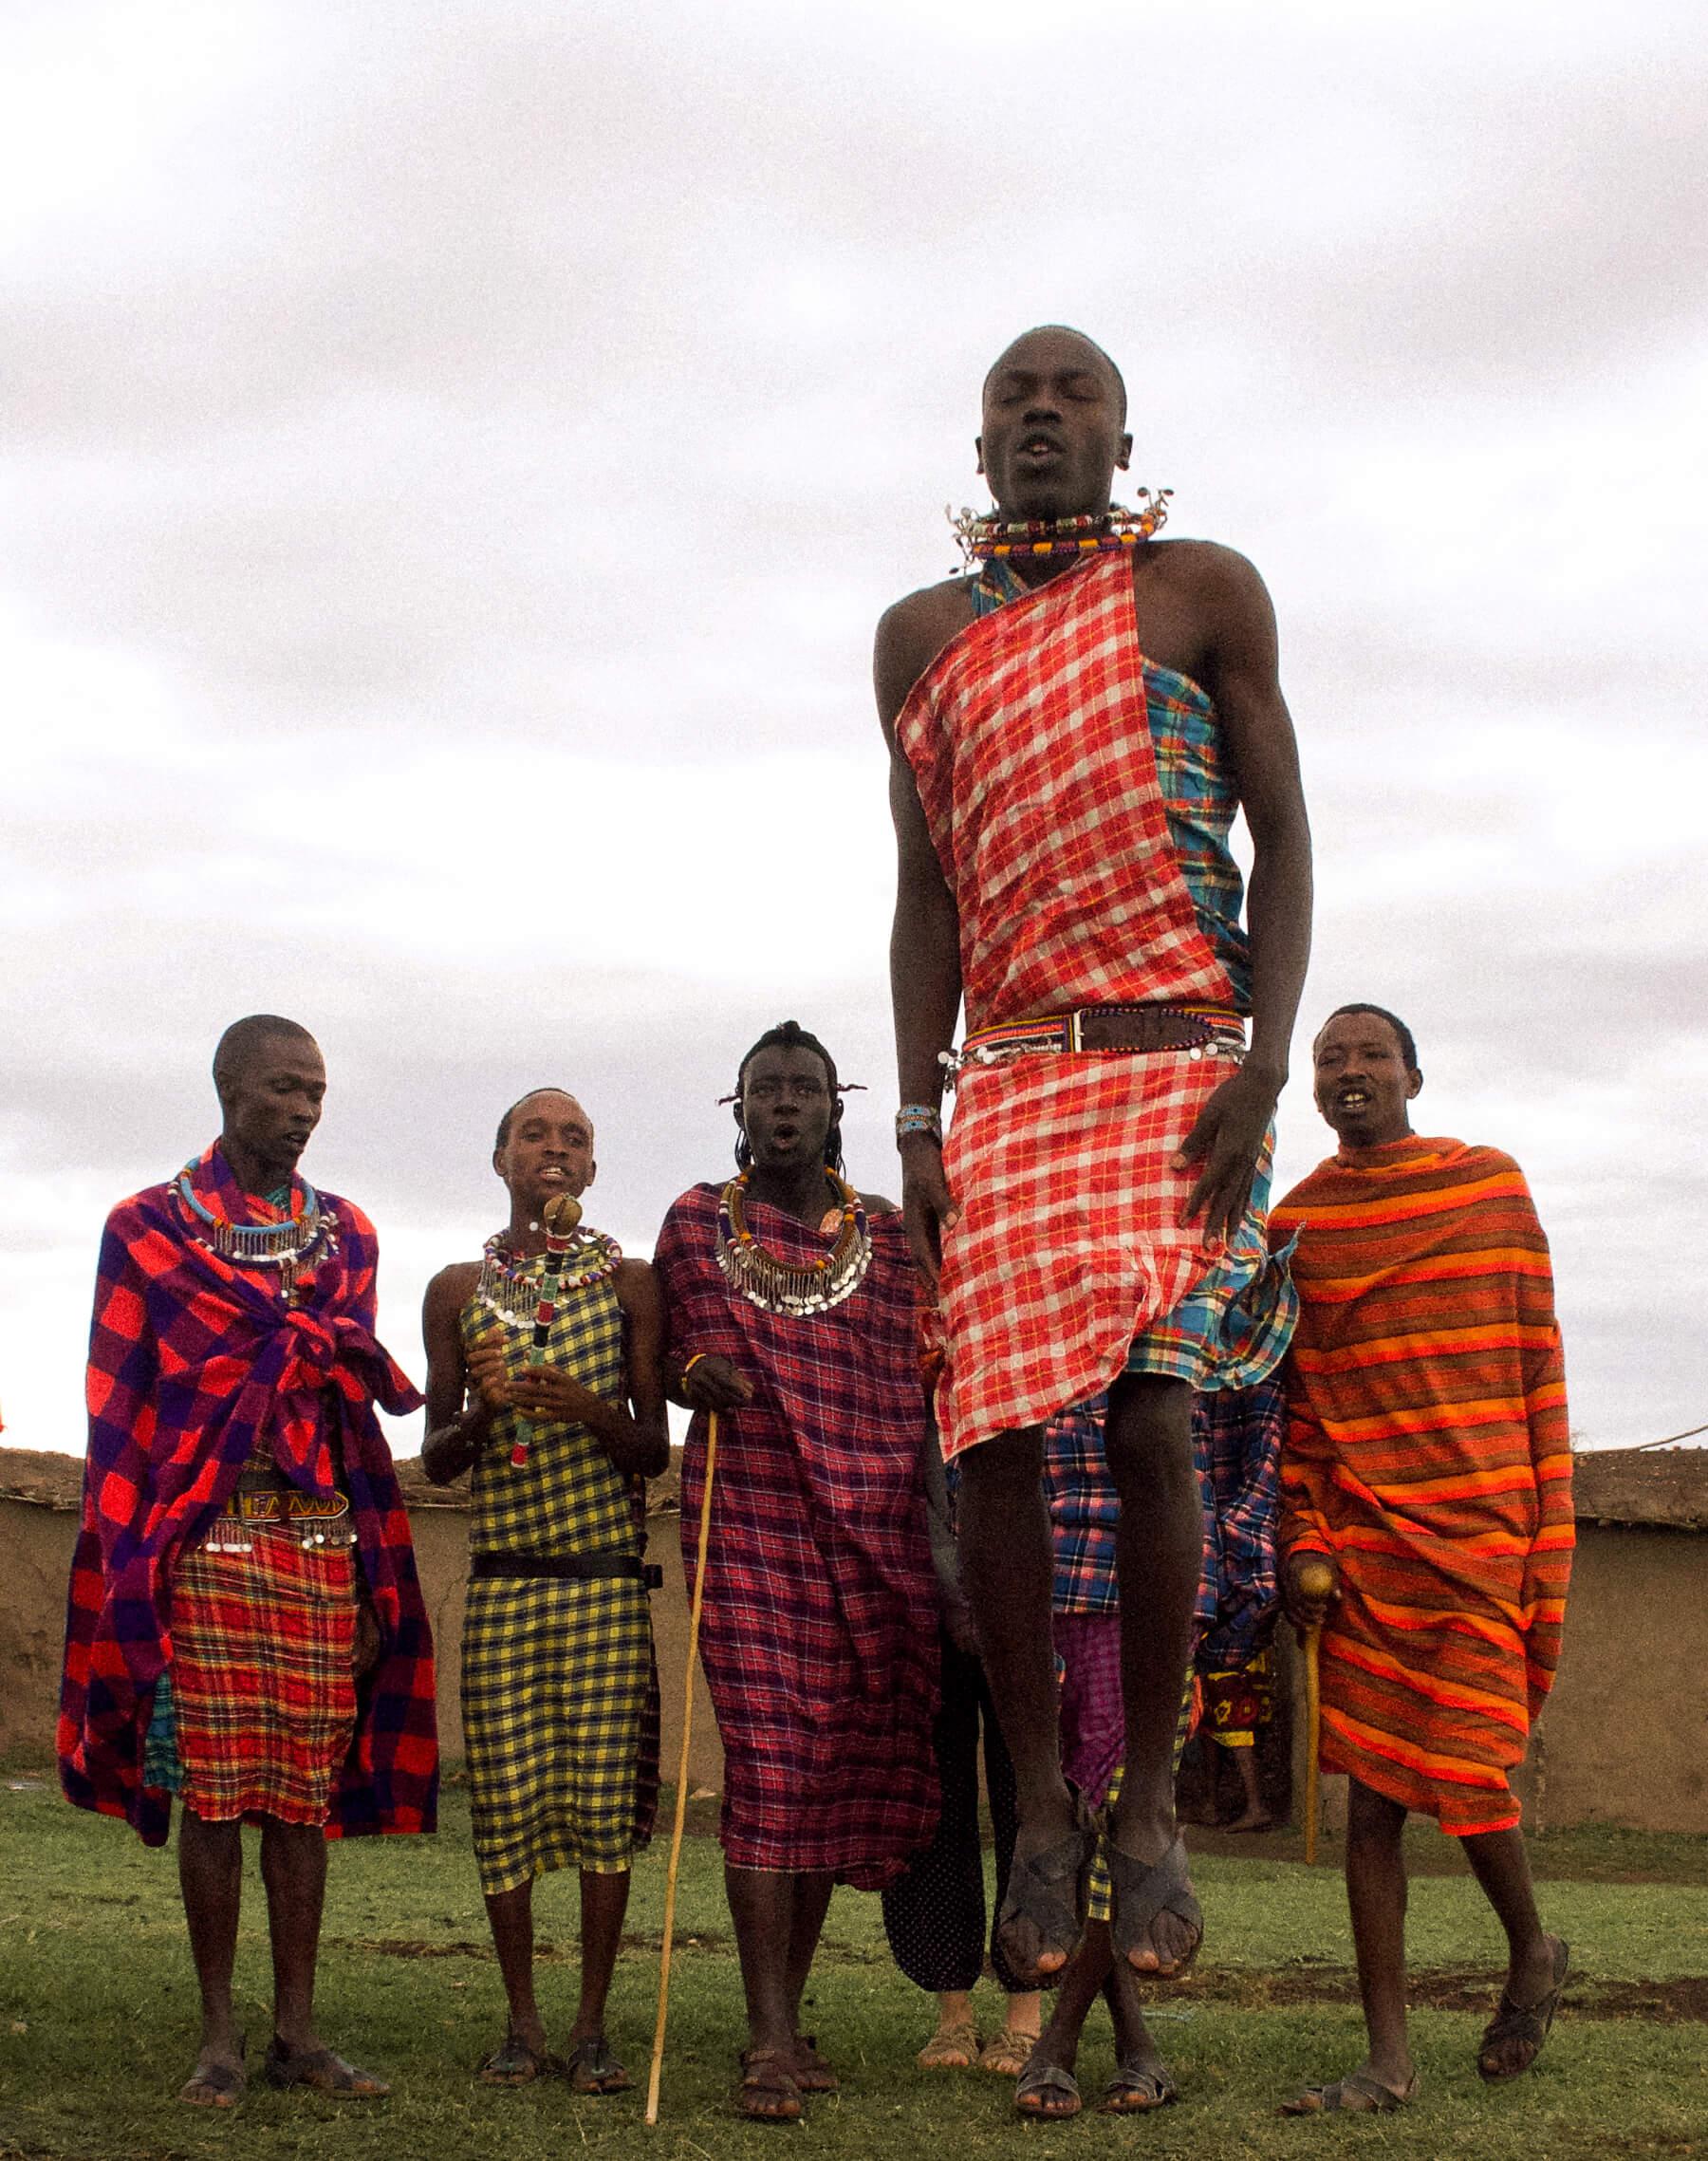 LIFE IN A KENYAN MAASAI VILLAGE